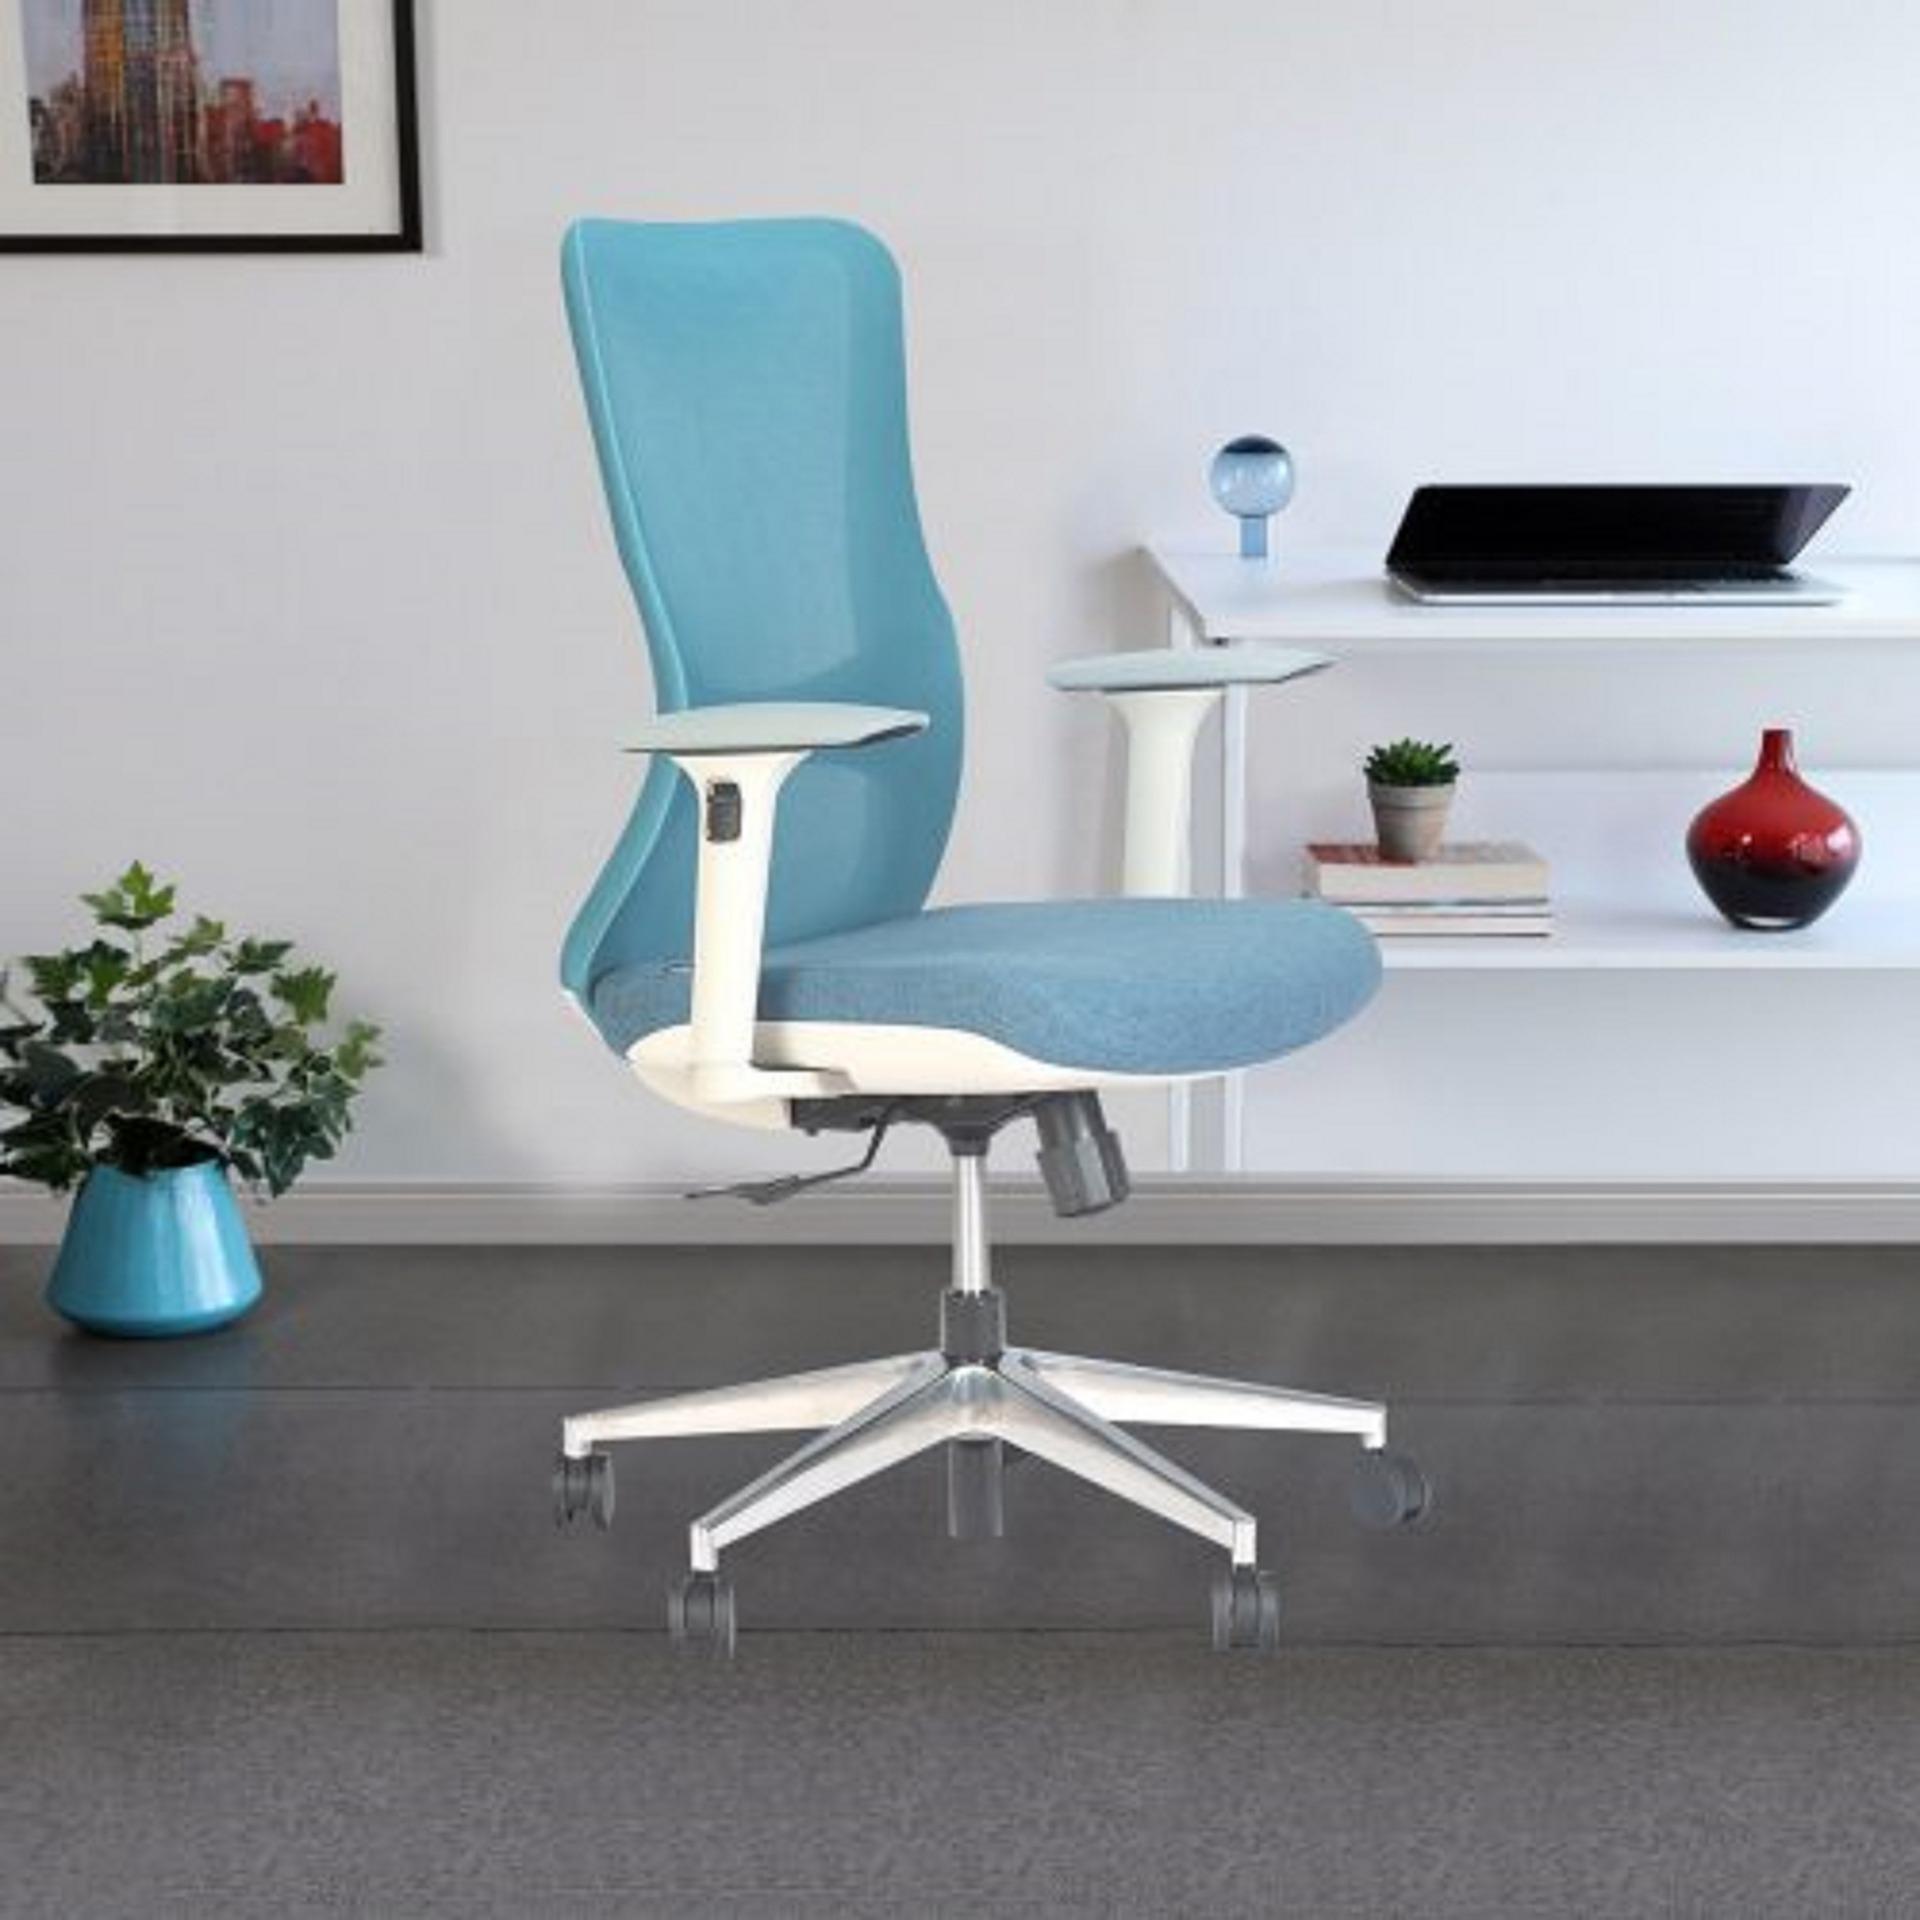 Víte, proč se vyplatí kvalitní kancelářské křeslo a jak ho vybrat?